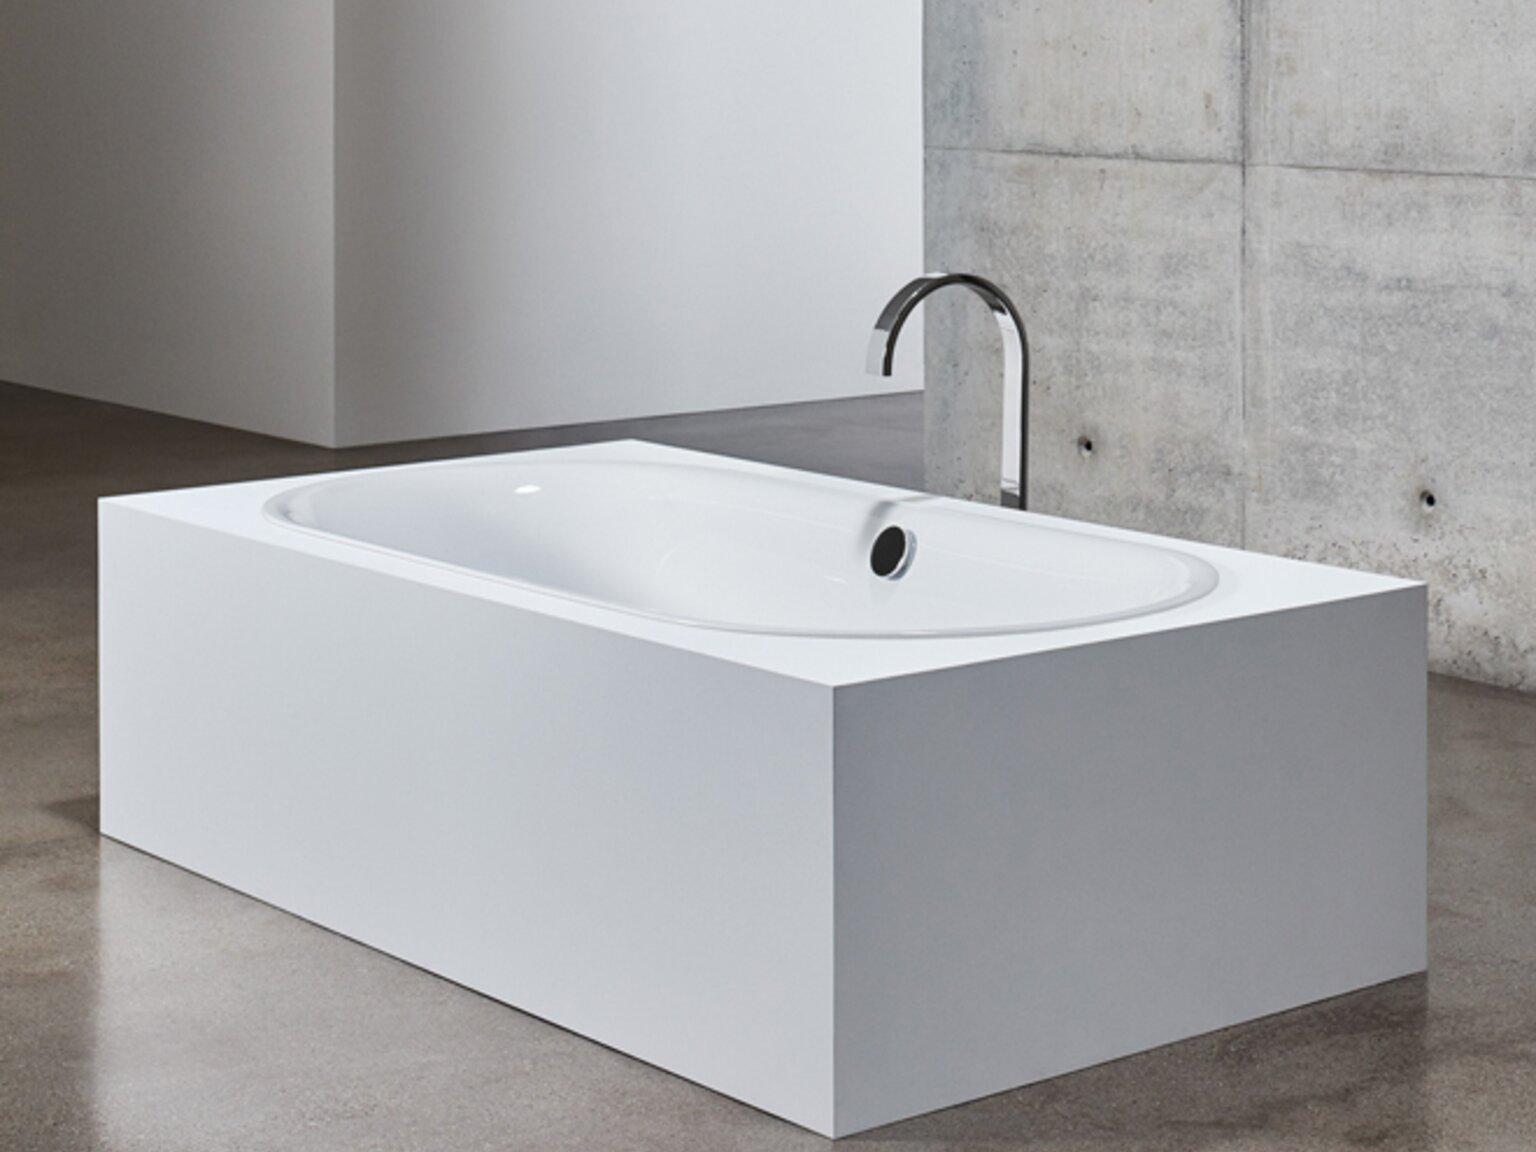 Panoramica Di Tutte Le Vasche Da Bagno Di Bette